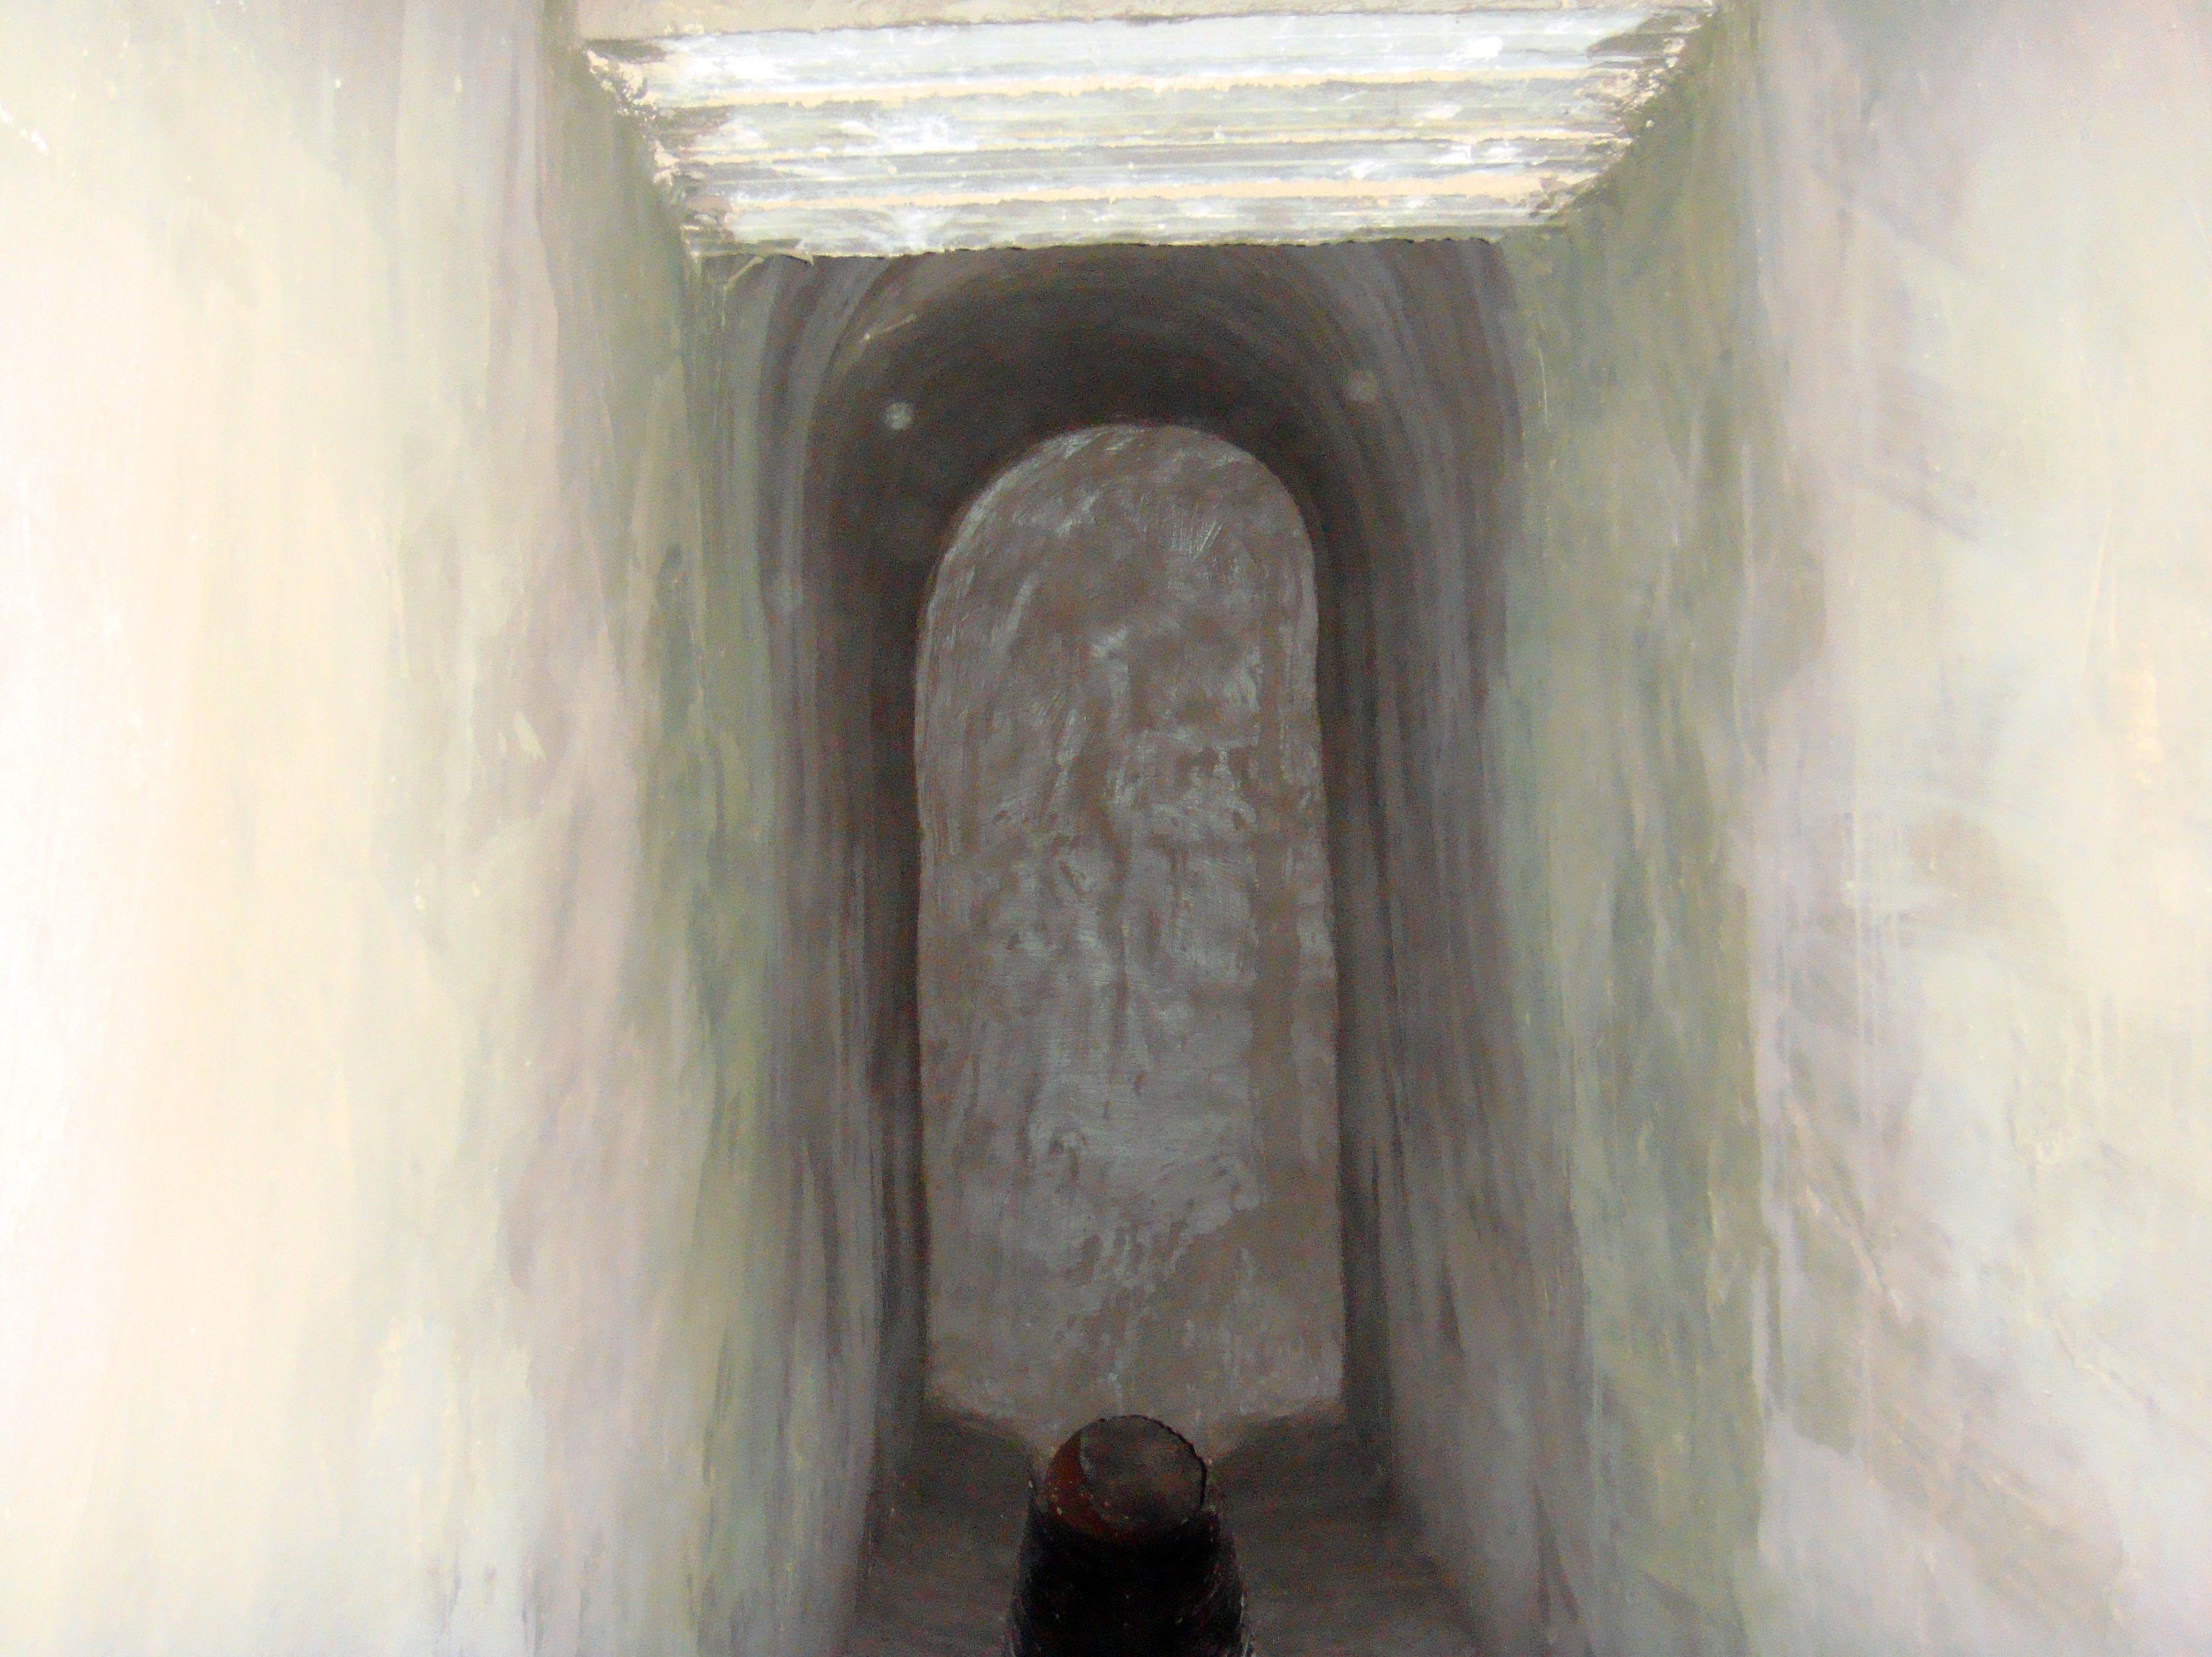 Rehabilitacion y obra nueva en galerias